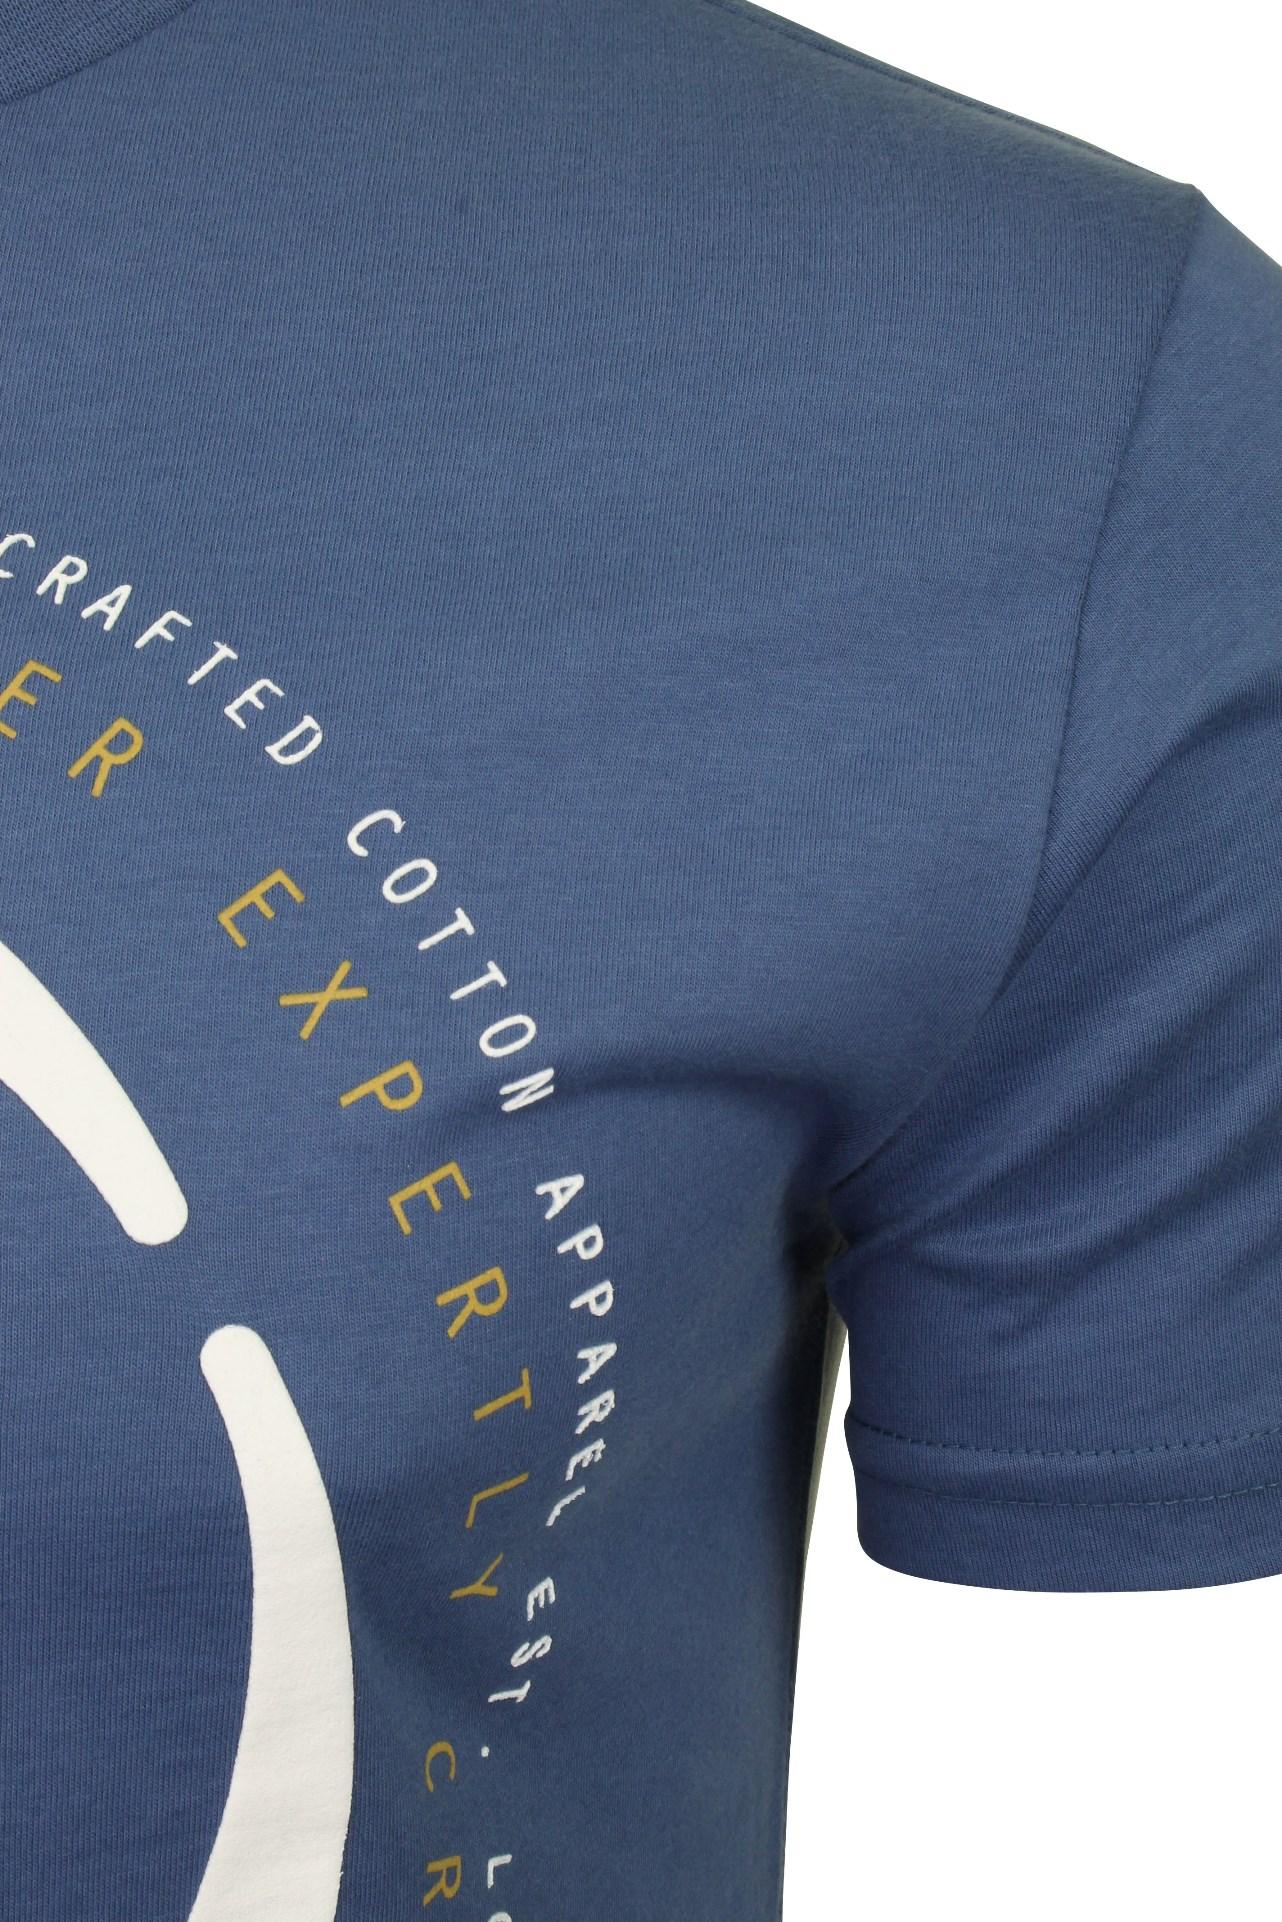 Duck-and-Cover-Hombre-Camiseta-039-Denzel-039 miniatura 4